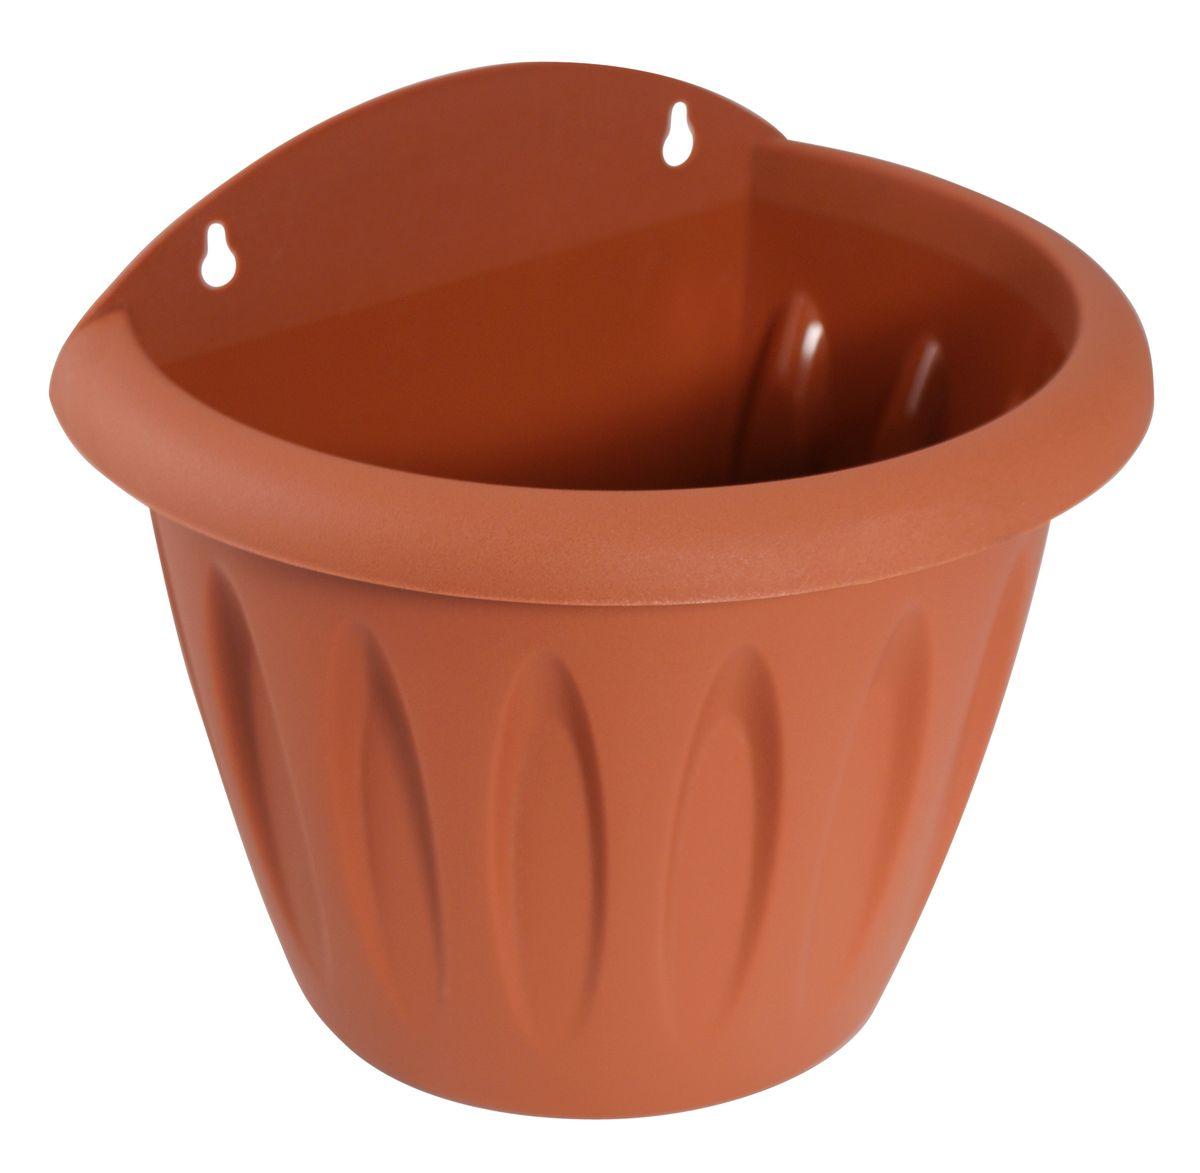 Кашпо настенное Martika Фелиция, цвет: терракотовый, 24 х 17,5 х 20,7 смMRC122T/1355456Любой, даже самый современный и продуманный интерьер будет не завершенным без растений. Они не только очищают воздух и насыщают его кислородом, но и заметно украшают окружающее пространство. Такому полезному члену семьи просто необходимо красивое и функциональное кашпо, оригинальный горшок или необычная ваза! Мы предлагаем - Кашпо настенное d=24 см Фелиция, 3,5 л, цвет терракот! Оптимальный выбор материала - это пластмасса! Почему мы так считаем? Малый вес. С легкостью переносите горшки и кашпо с места на место, ставьте их на столики или полки, подвешивайте под потолок, не беспокоясь о нагрузке. Простота ухода. Пластиковые изделия не нуждаются в специальных условиях хранения. Их легко чистить достаточно просто сполоснуть теплой водой. Никаких царапин. Пластиковые кашпо не царапают и не загрязняют поверхности, на которых стоят. Пластик дольше хранит влагу, а значит растение реже нуждается в поливе. Пластмасса не пропускает воздух корневой системе растения не грозят резкие перепады температур. Огромный выбор форм, декора и расцветок вы без труда подберете что-то, что идеально впишется в уже существующий интерьер. Соблюдая нехитрые правила ухода, вы можете заметно продлить срок службы горшков, вазонов и кашпо из пластика: всегда учитывайте размер кроны и корневой системы растения (при разрастании большое растение способно повредить маленький горшок) берегите изделие от воздействия прямых солнечных лучей, чтобы кашпо и горшки не выцветали держите кашпо и горшки из пластика подальше от нагревающихся поверхностей. Создавайте прекрасные цветочные композиции, выращивайте рассаду или необычные растения, а низкие цены позволят вам не ограничивать себя в выборе.